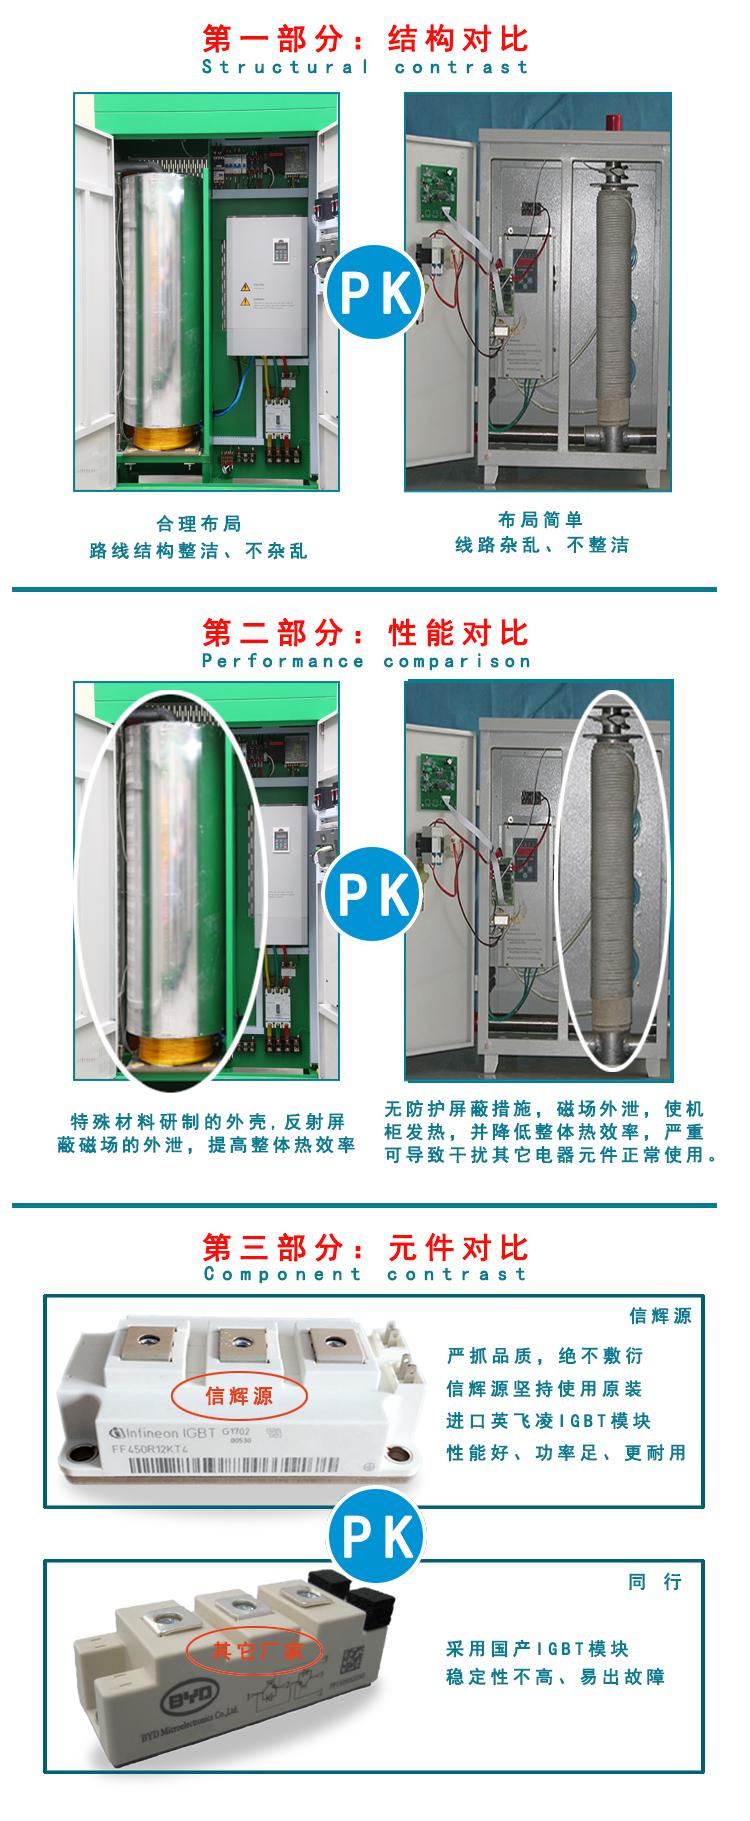 电磁采暖炉对比图